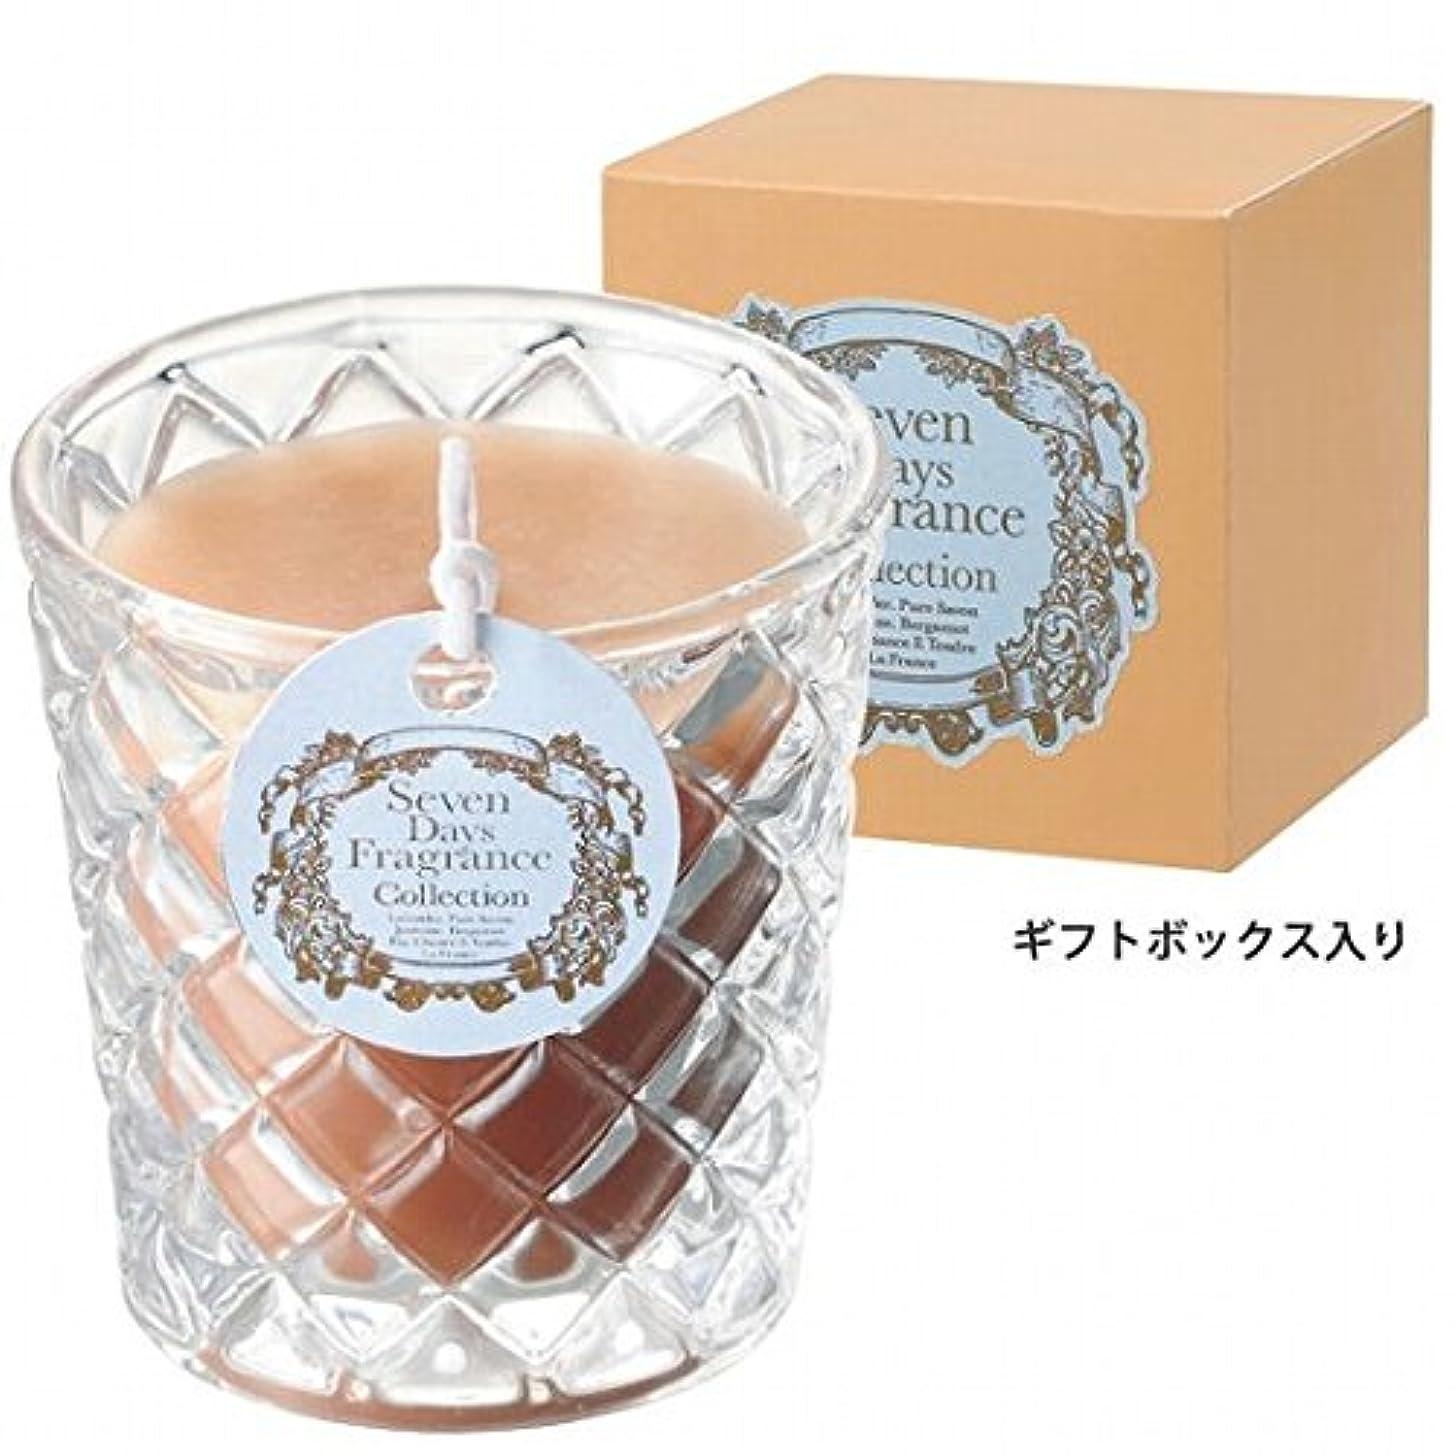 カメヤマキャンドル( kameyama candle ) セブンデイズグラスキャンドル(火曜日) 「 ジャスミン 」